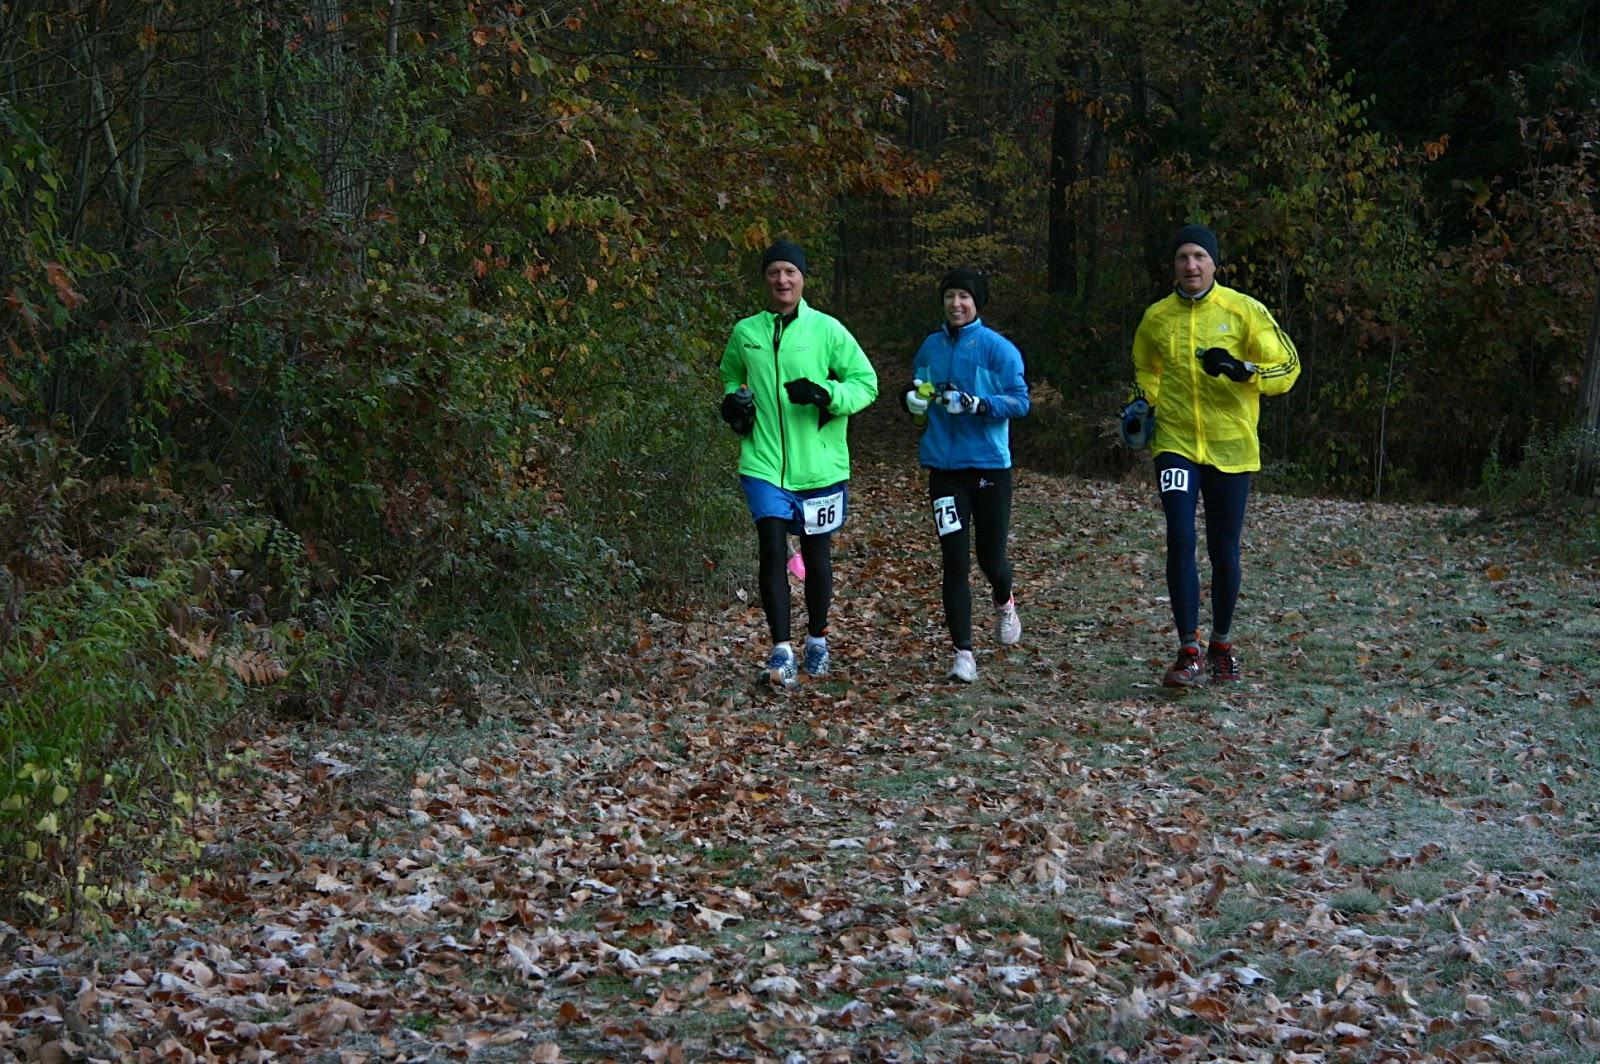 oil creek 100 trail runs